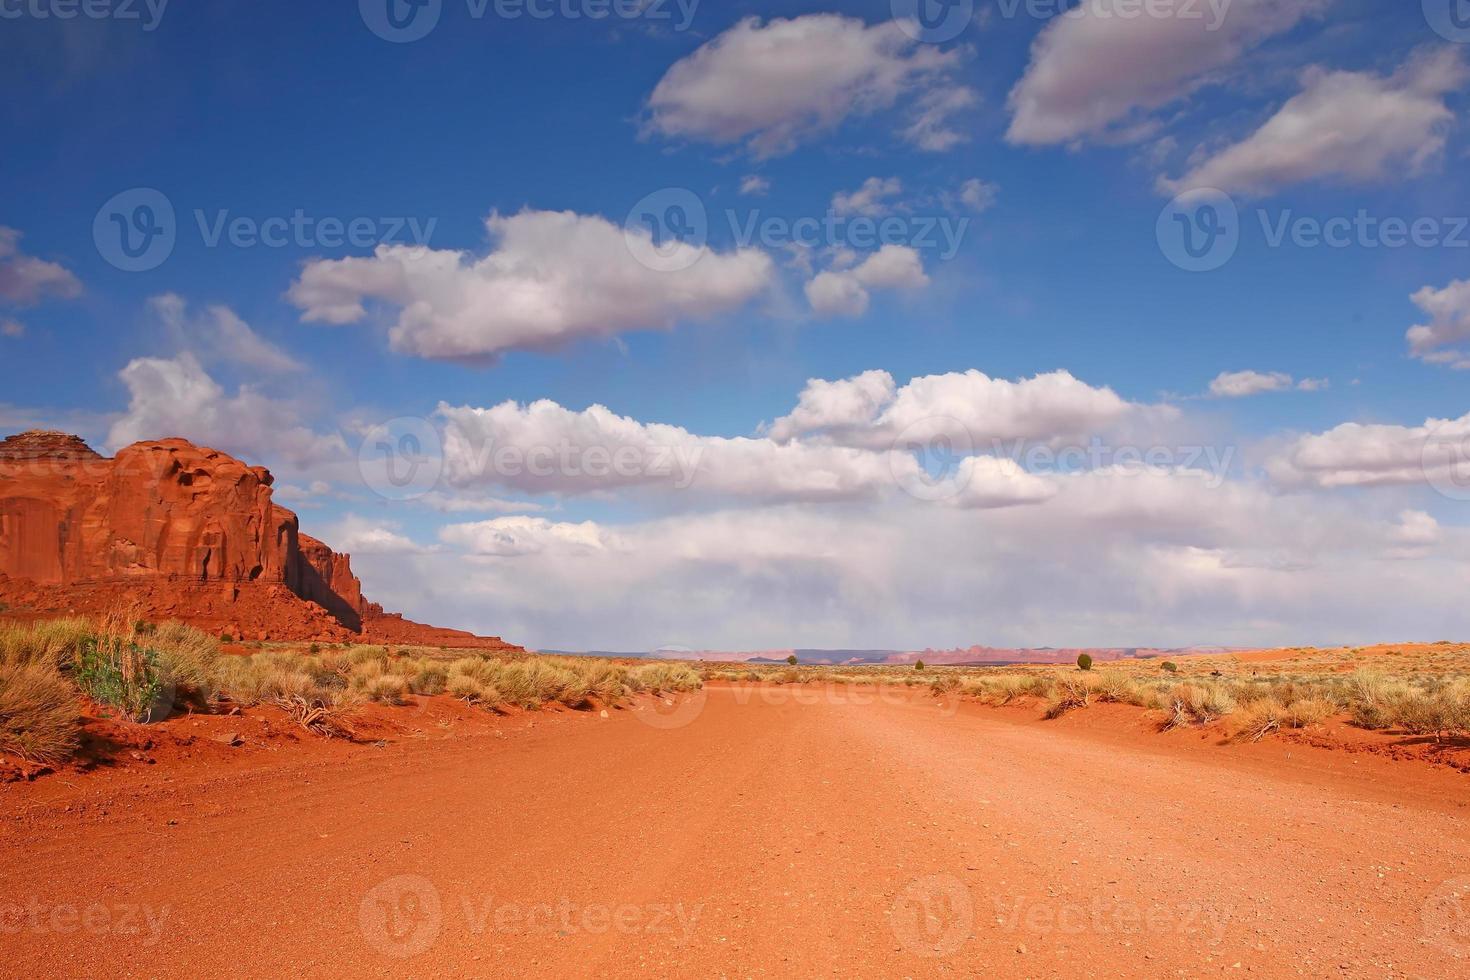 camino abierto en la llanura del desierto foto